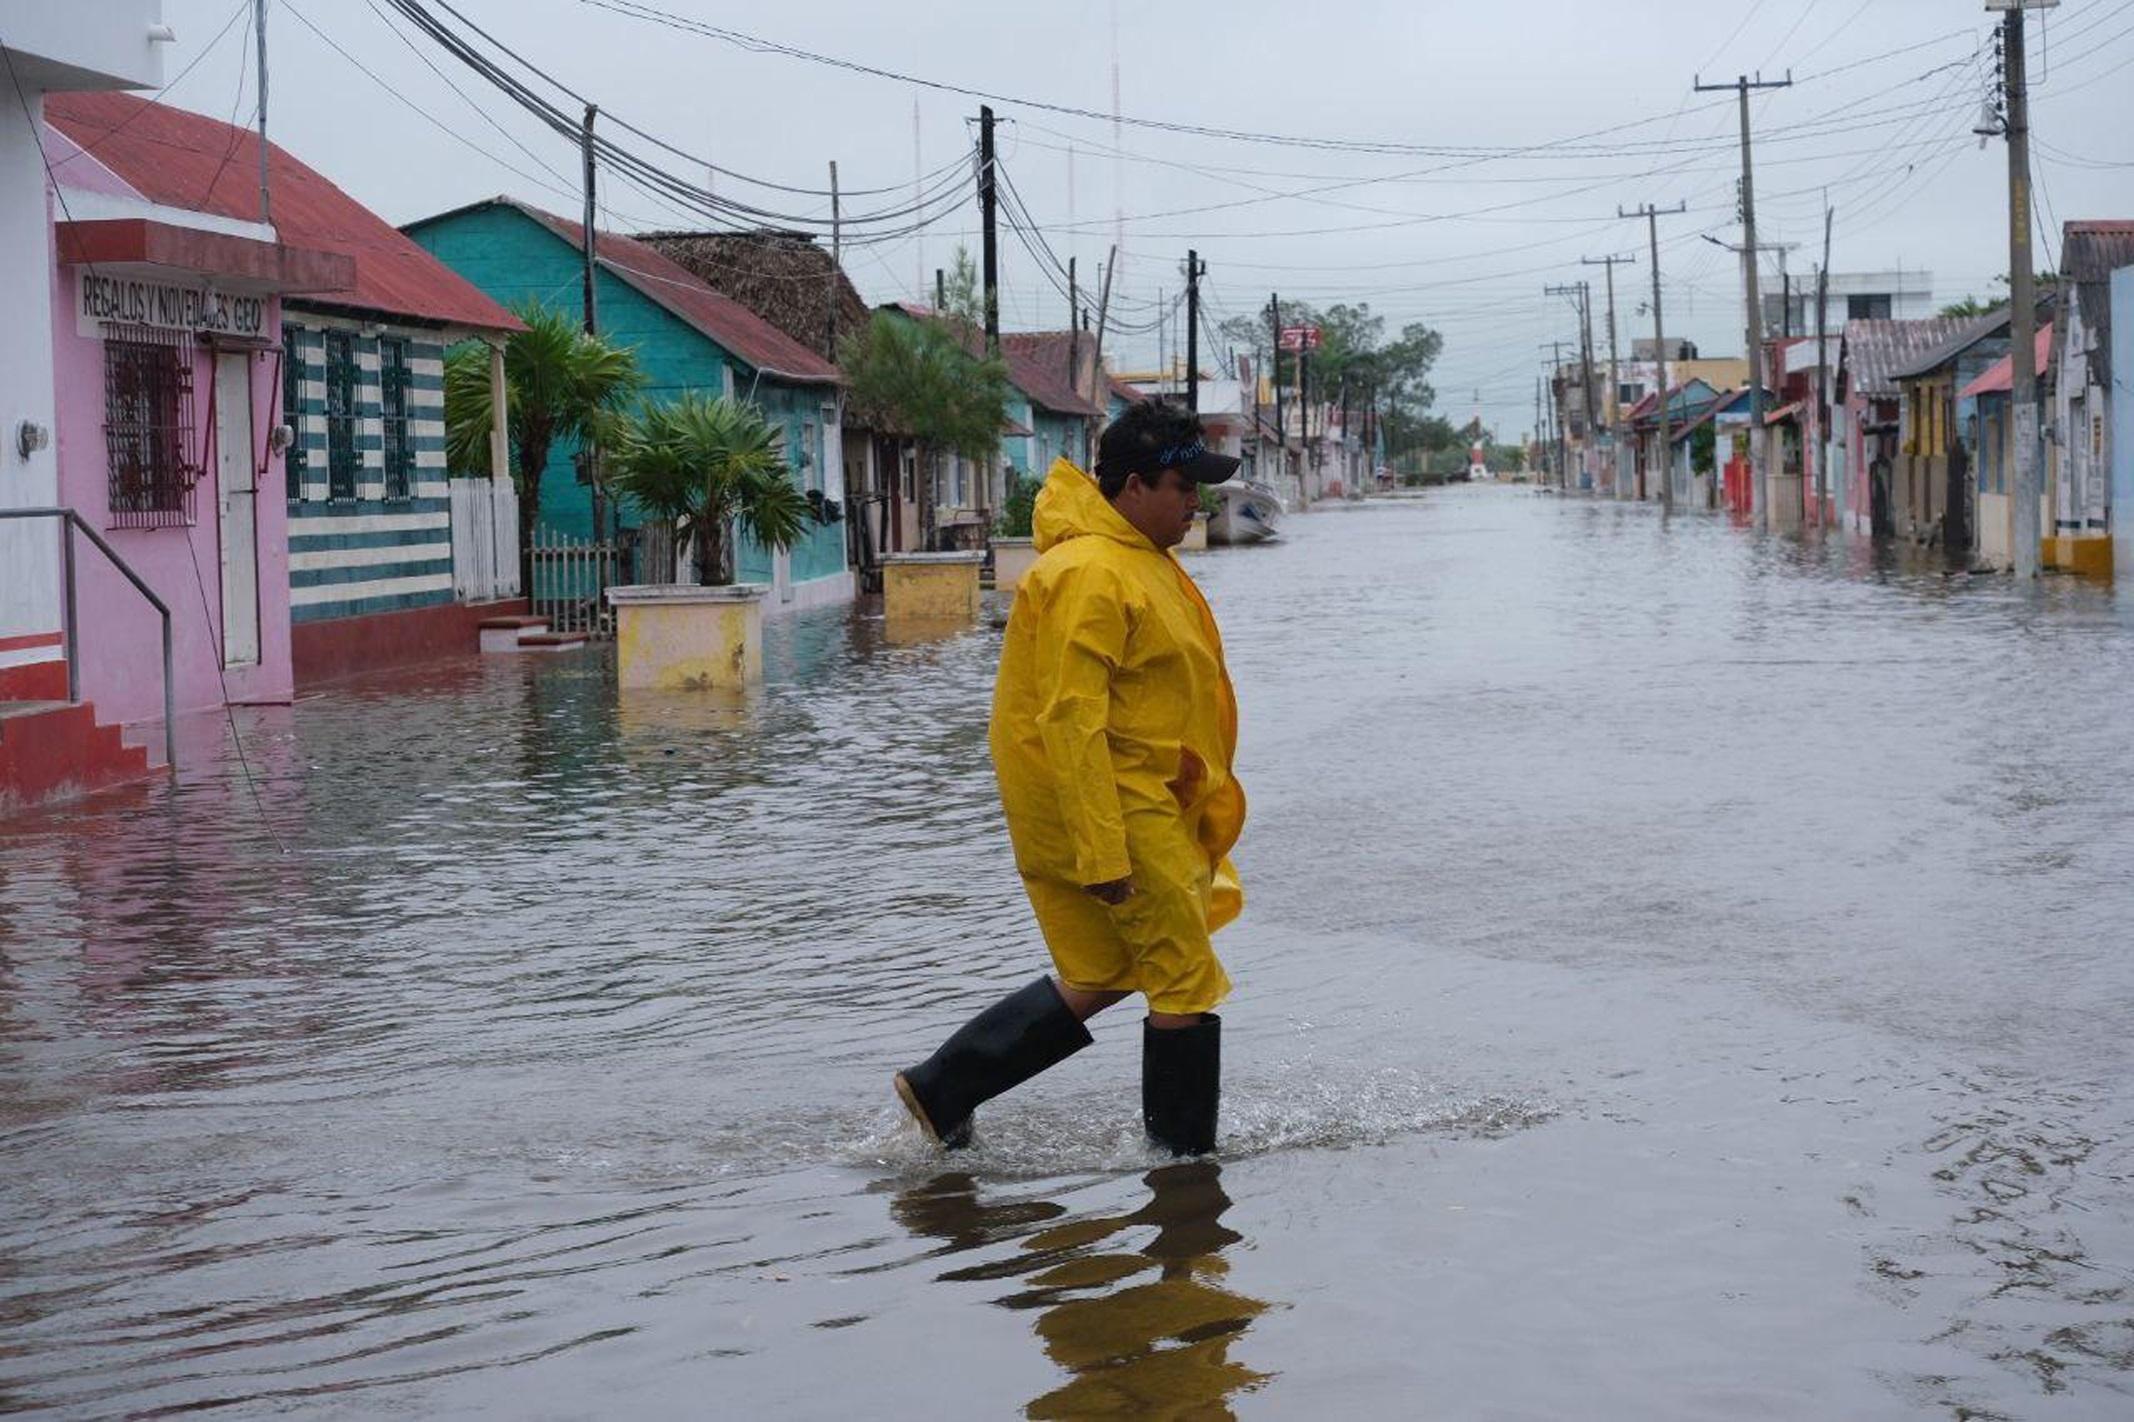 El estado mexicano de Quintana Roo sin víctimas ni heridos por huracán Delta